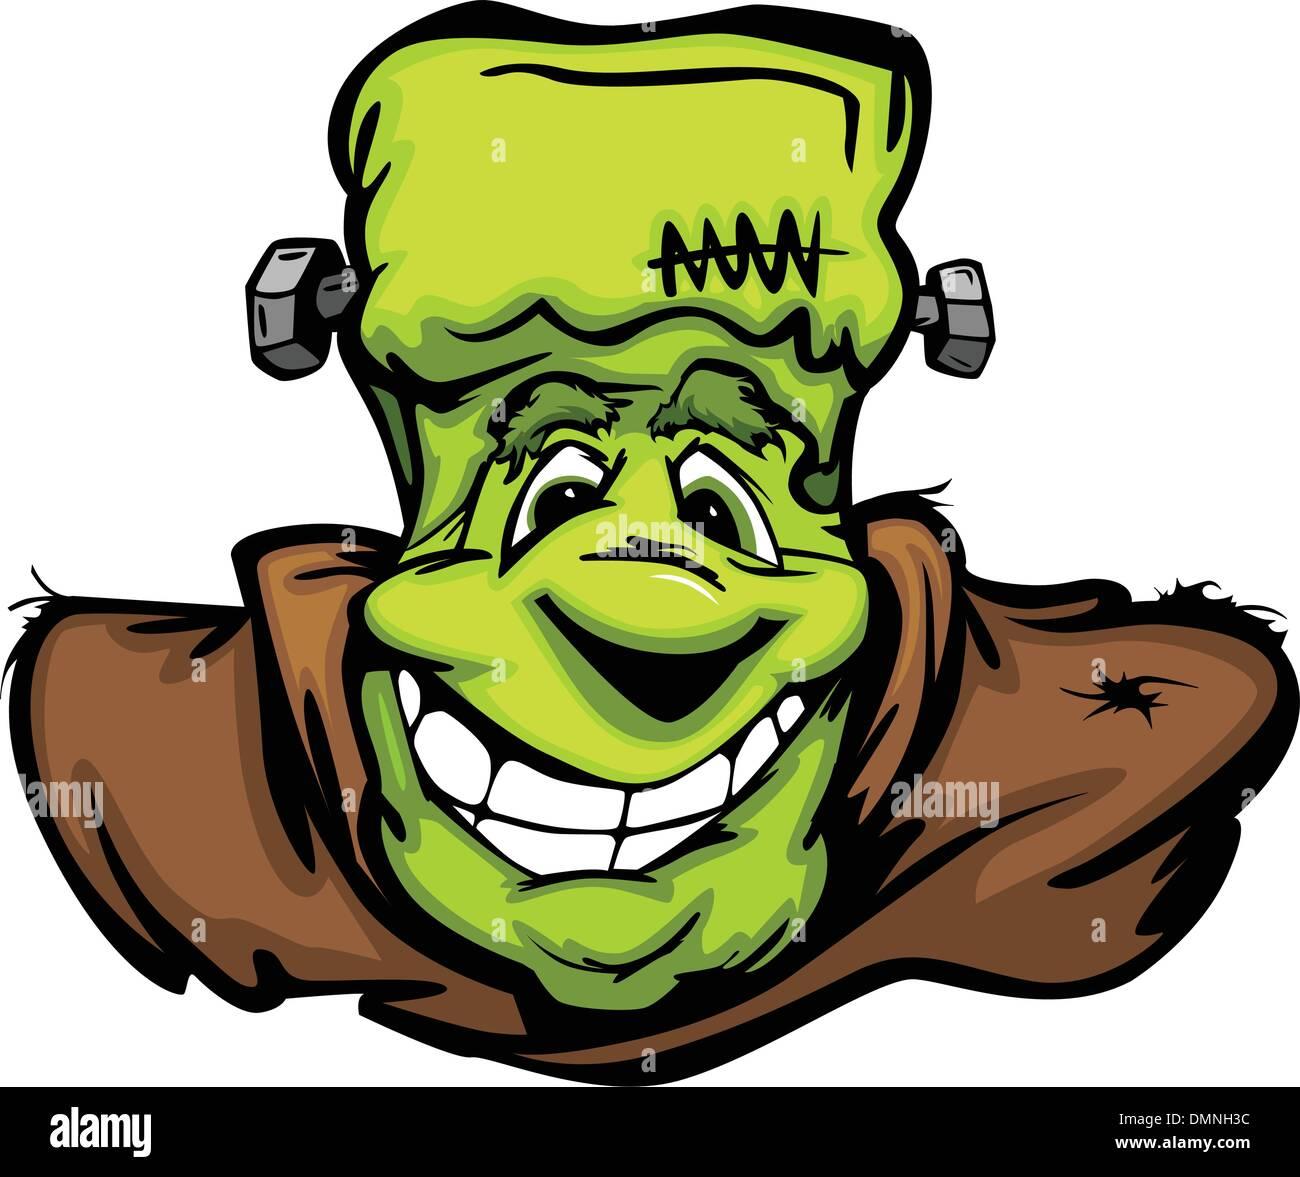 Happy Frankenstein Halloween Monster Head Cartoon Vector Illustr - Stock Image